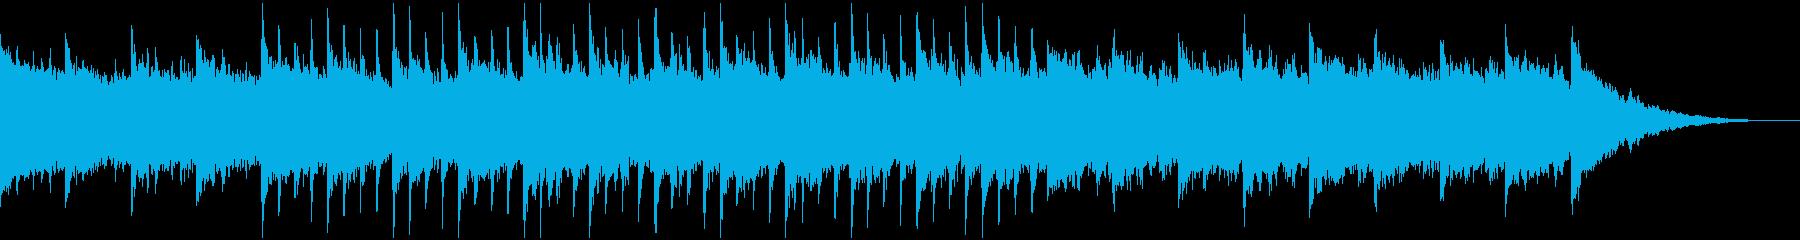 60秒企業VP8,コーポレート,ゆっくりの再生済みの波形